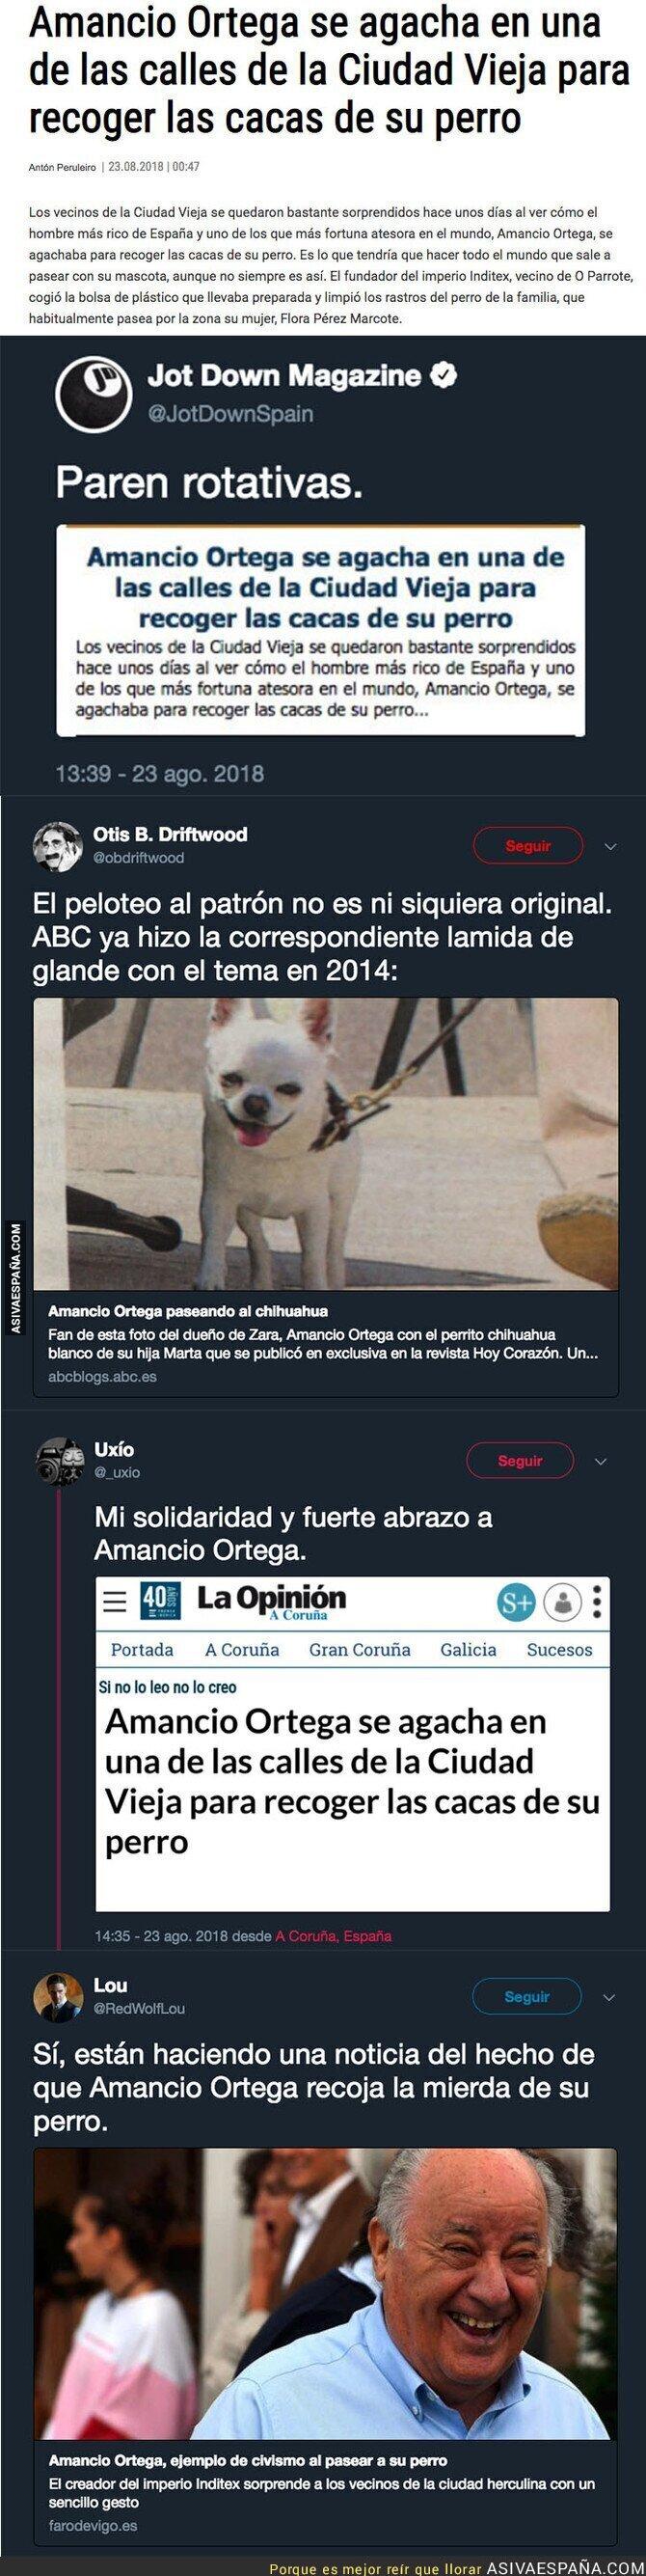 91638 - La surrealista noticia de Amancio Ortega y su perro por la que todo Twitter se está riendo